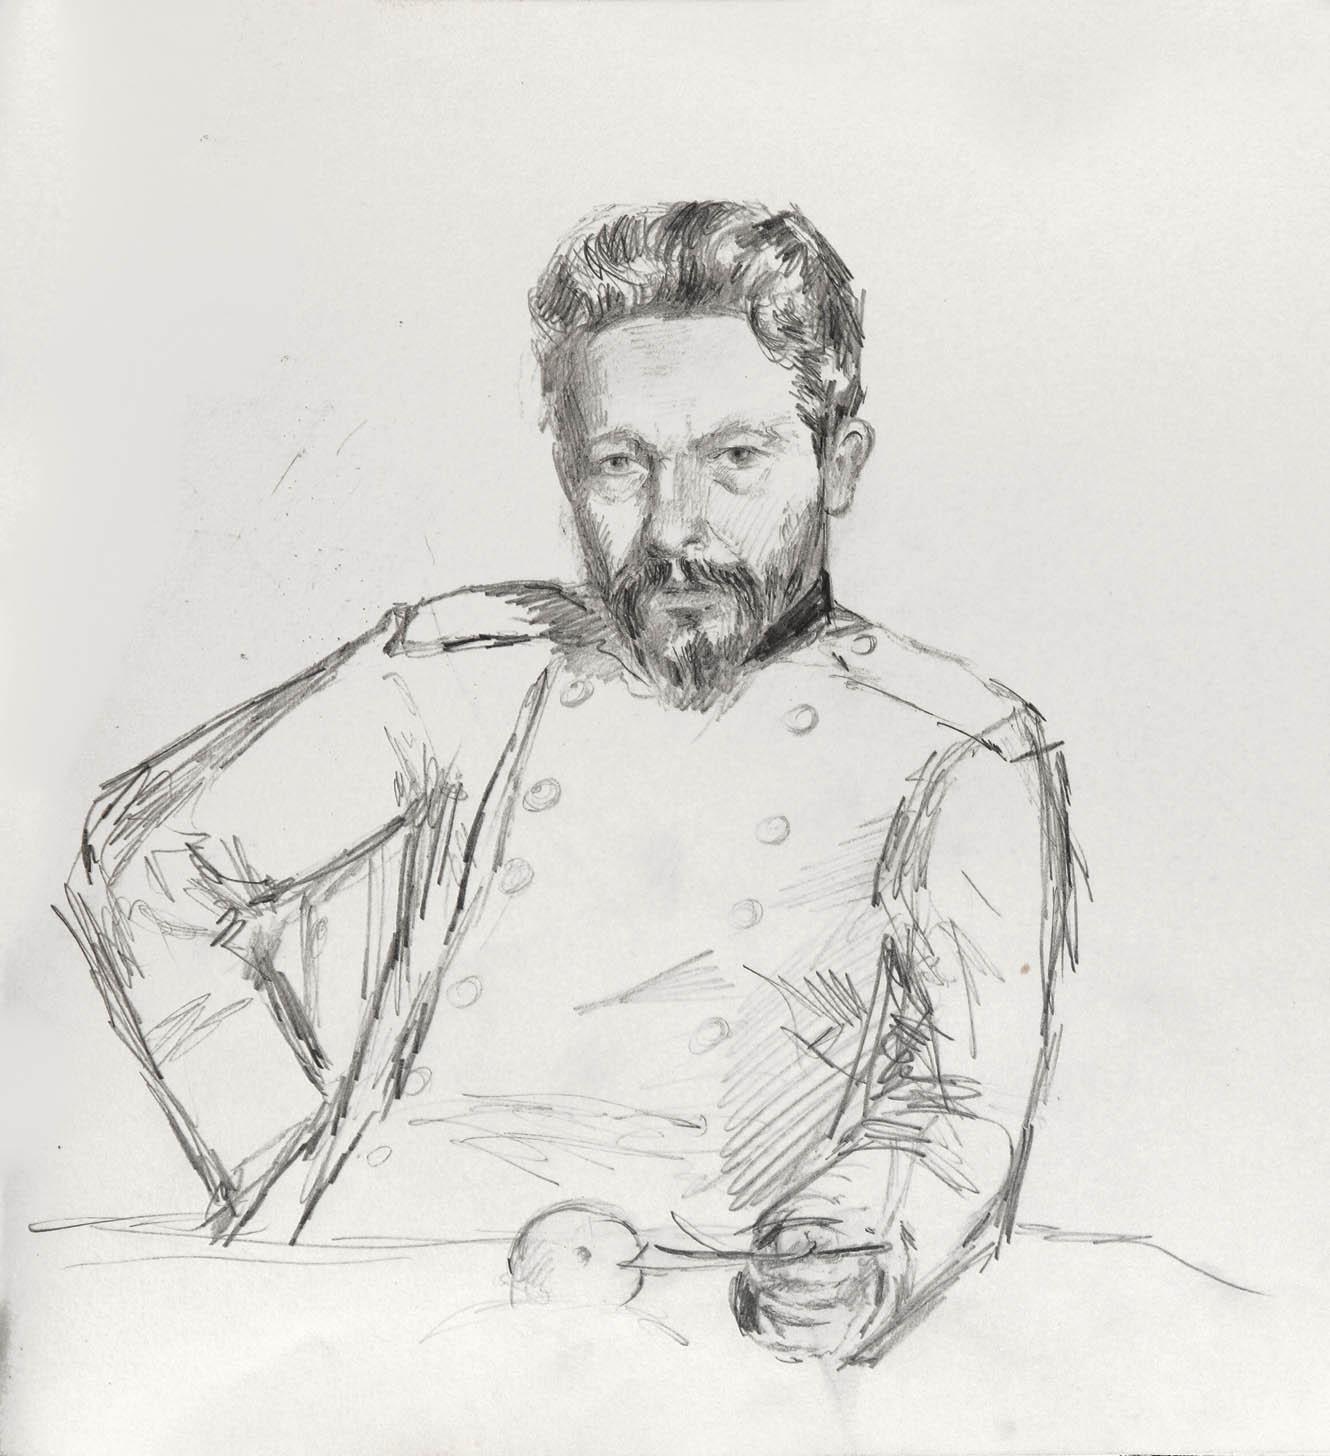 Дворцовая площадь (На оборотной стороне): Позен М.Ф. - Портрет Н.А. Ярошенко